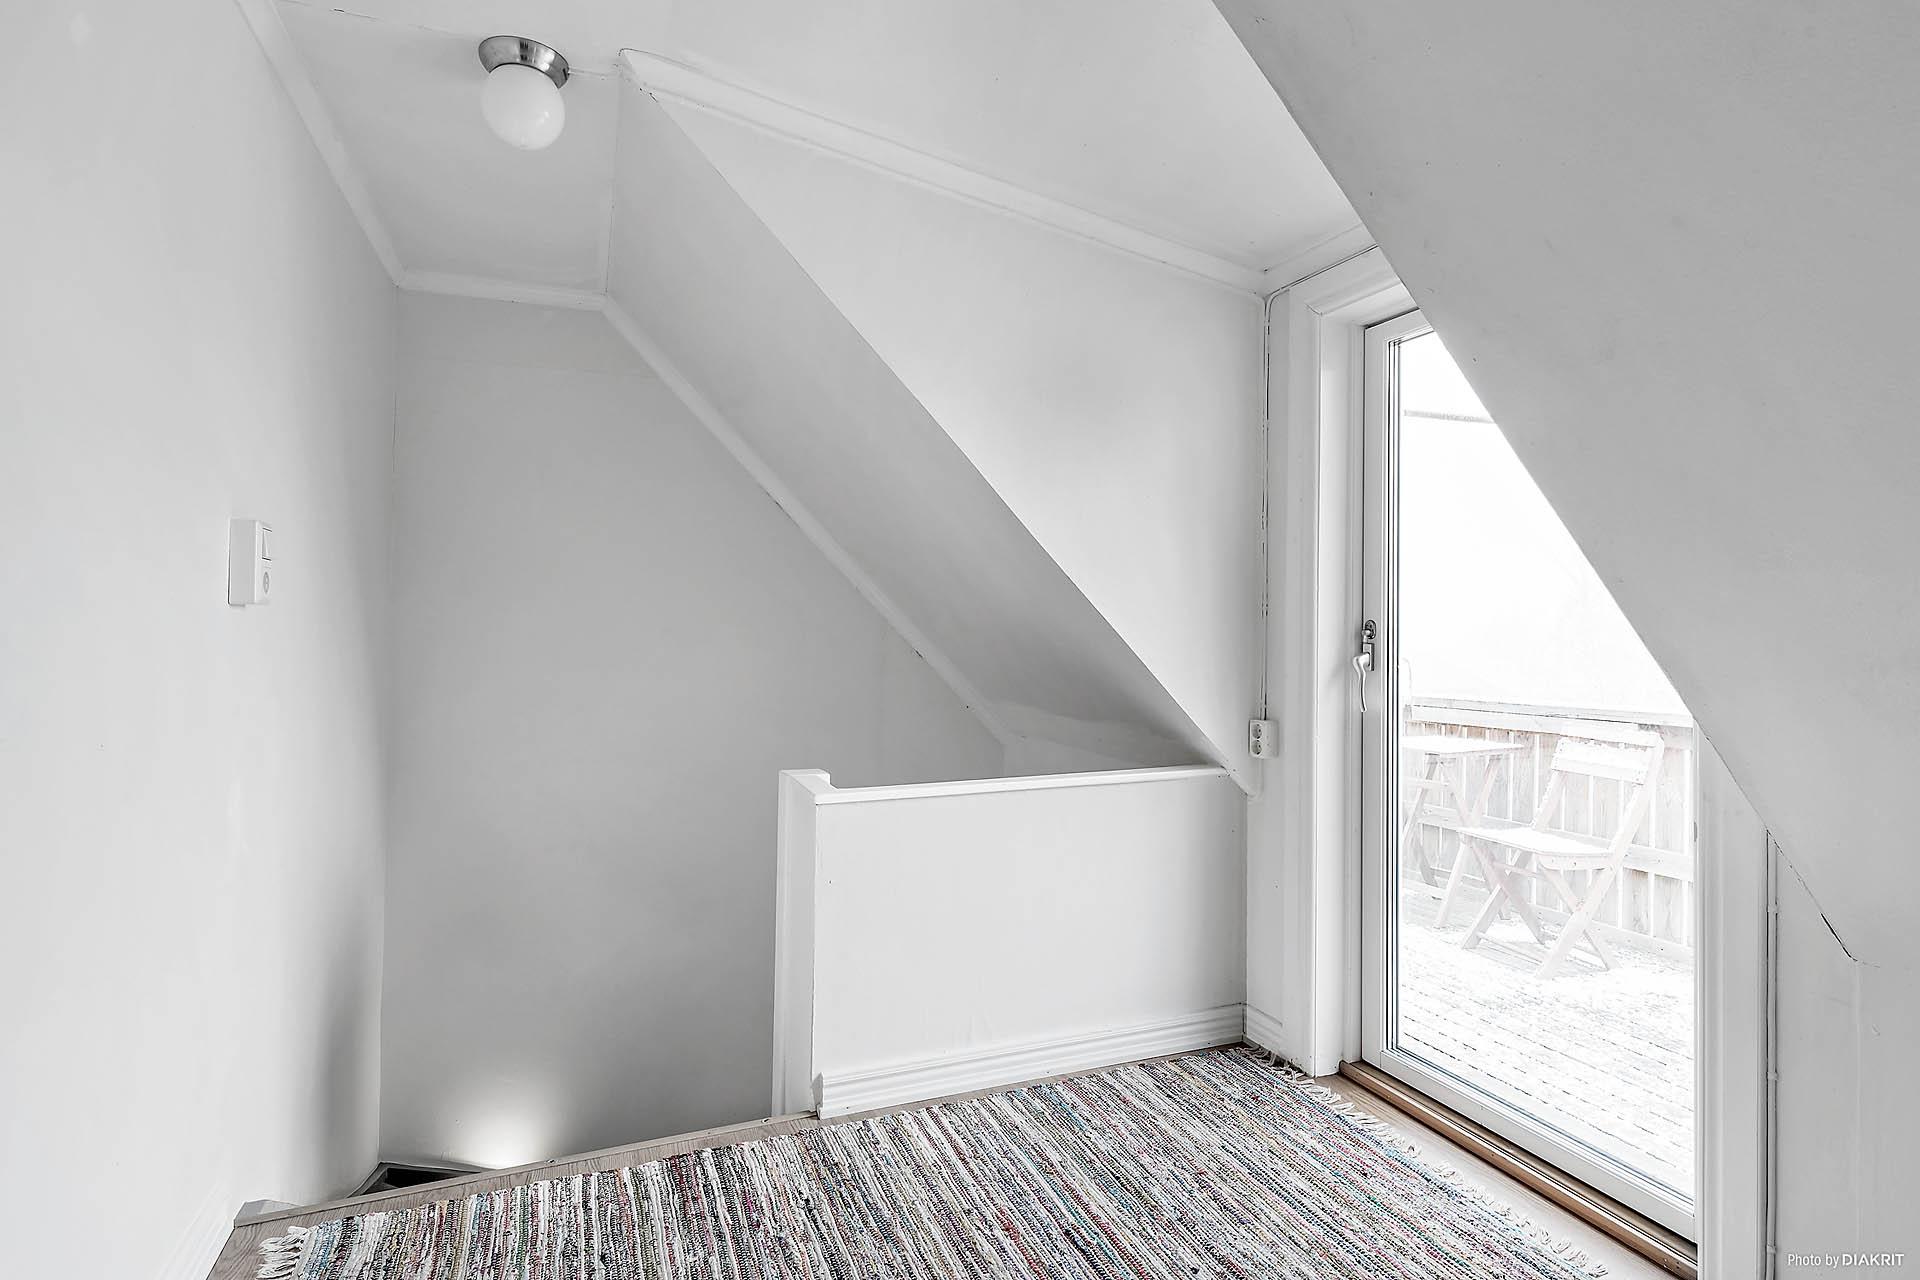 Övervåning med balkong.